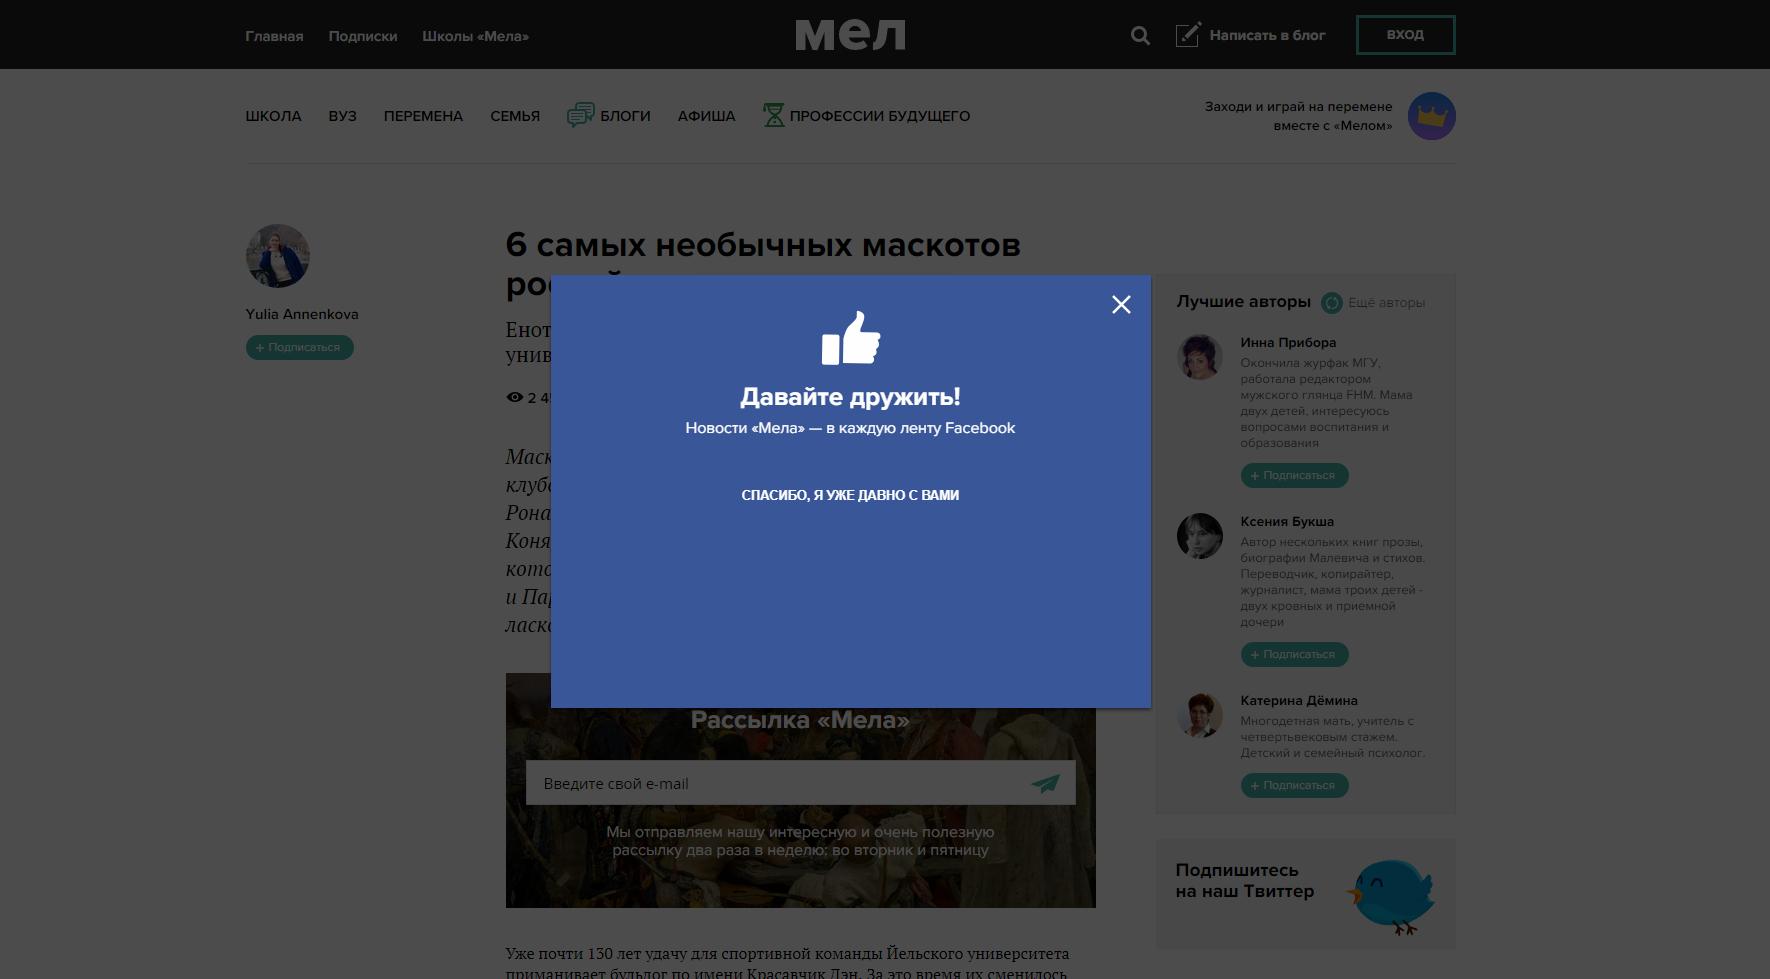 Поп-ап от «Мела», предлагающий пользователю «дружить» в соцсетях